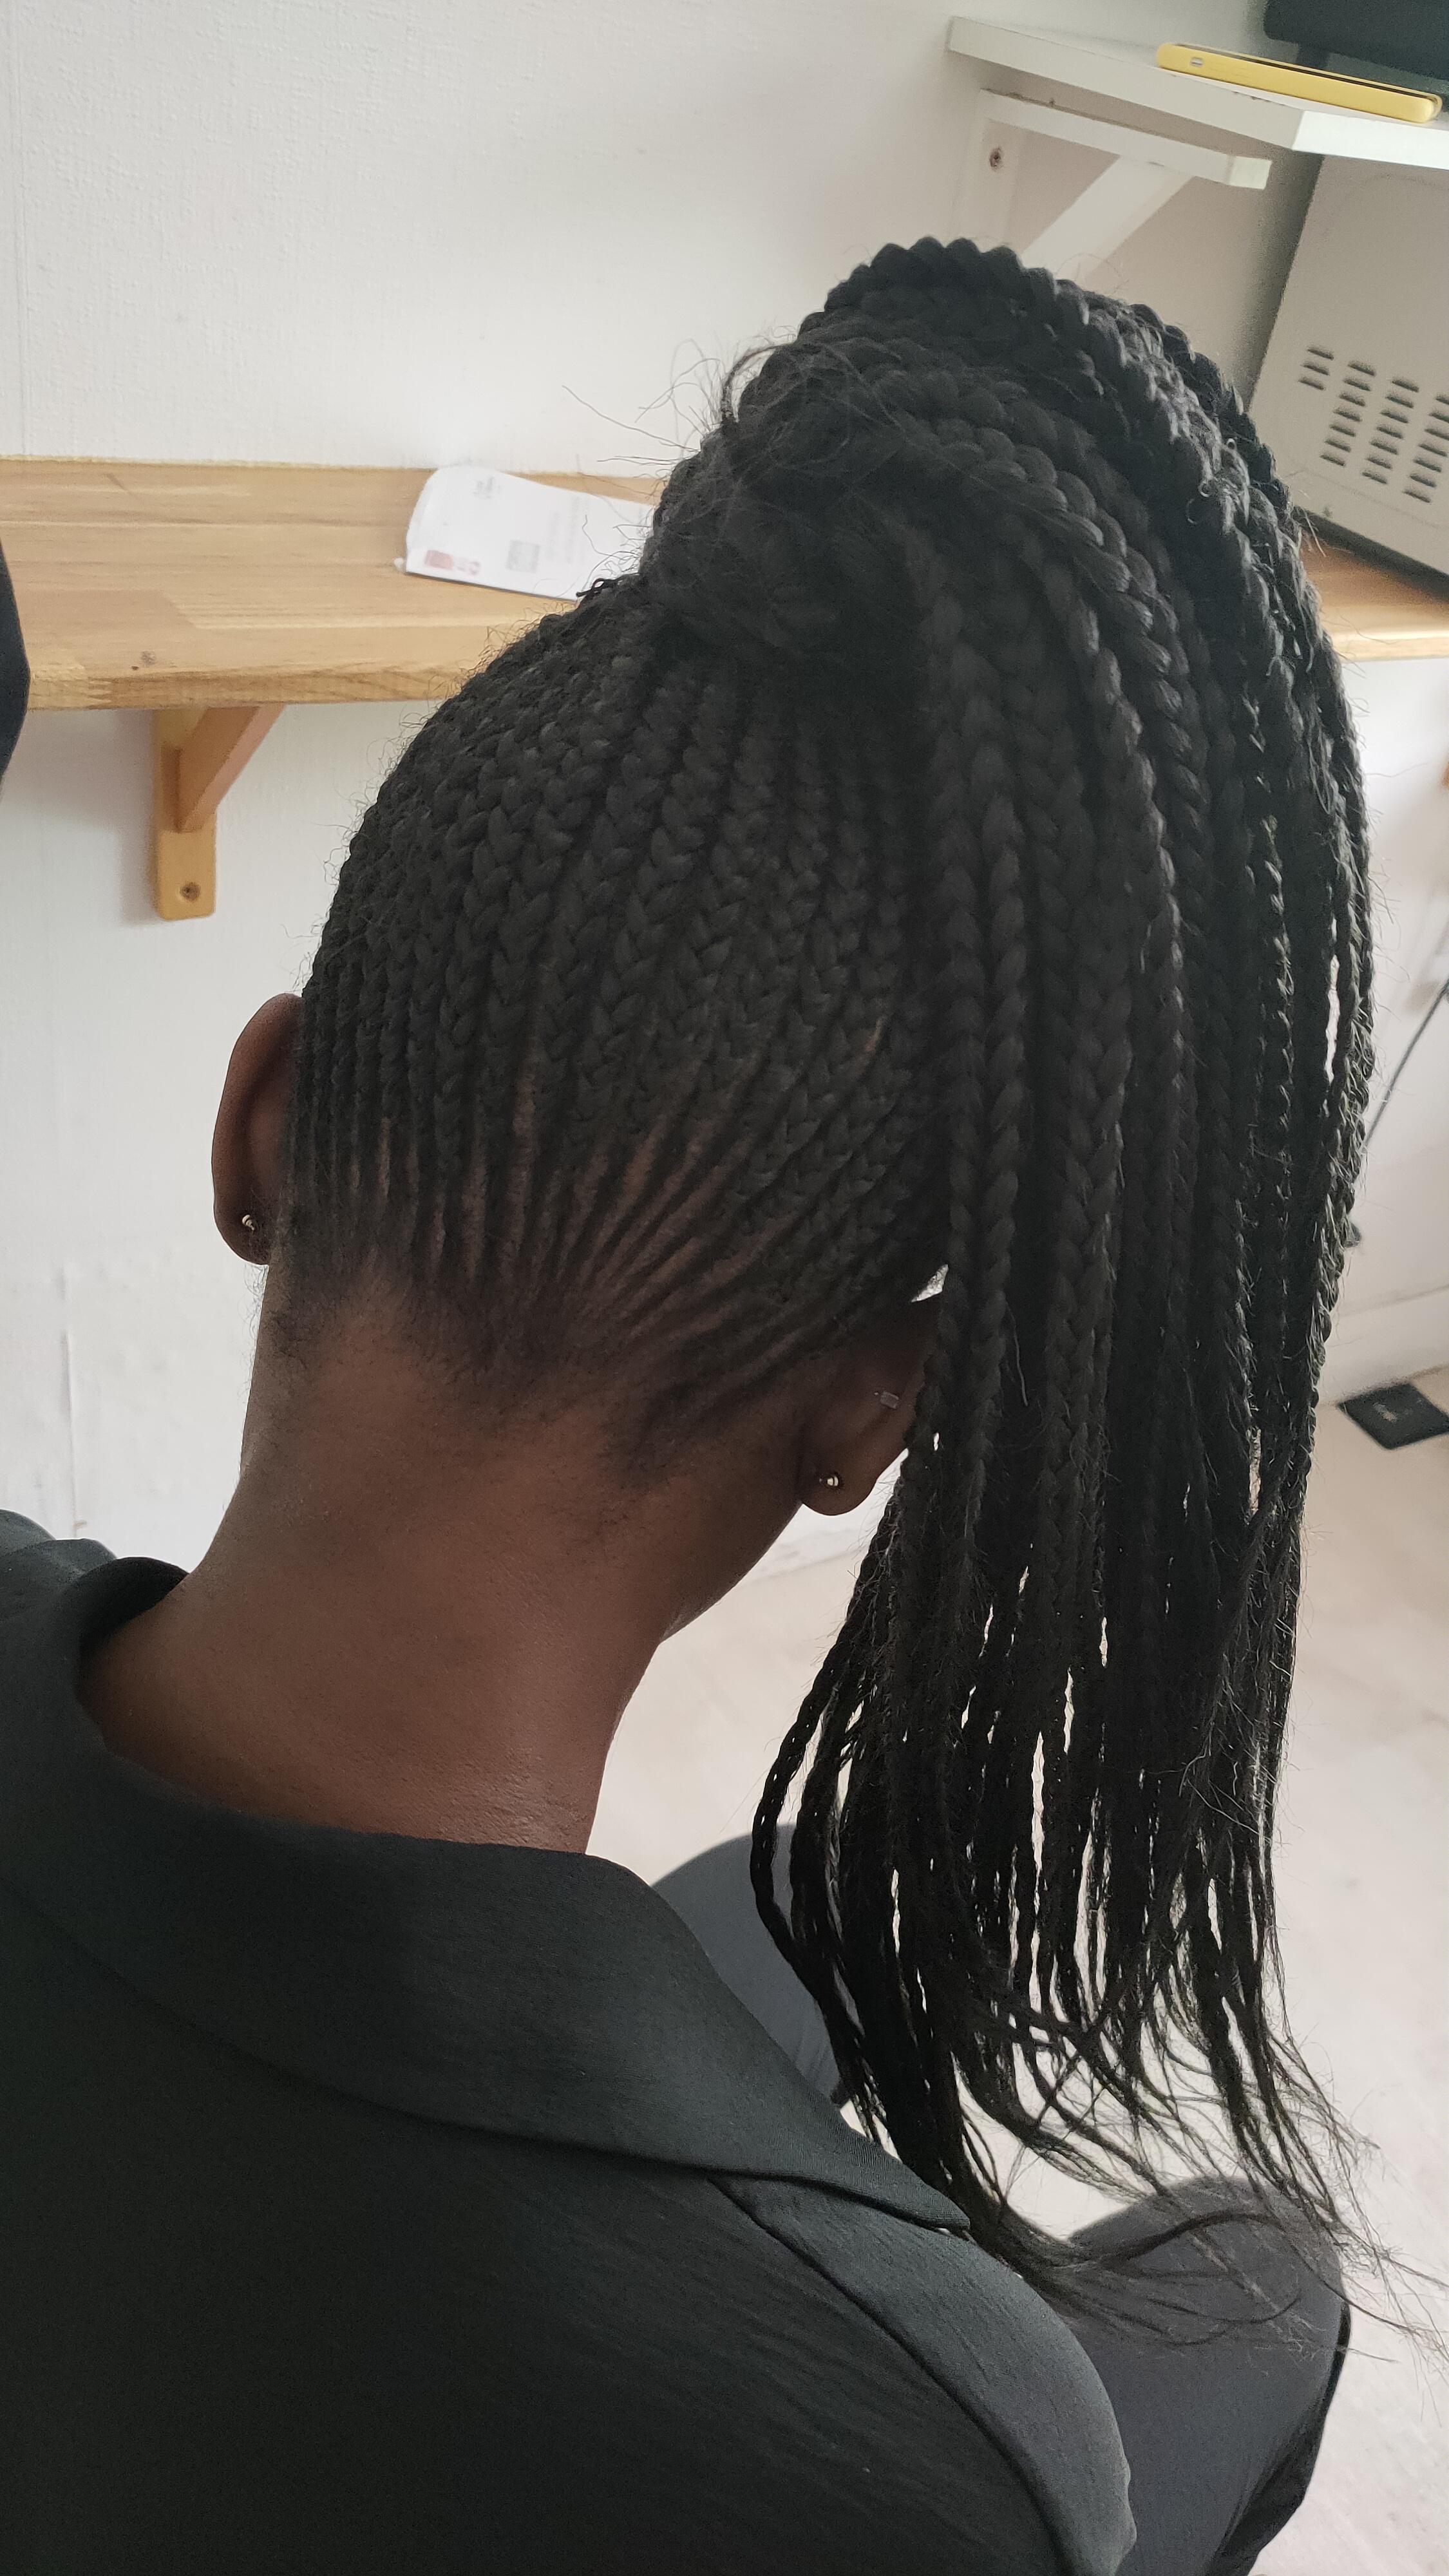 salon de coiffure afro tresse tresses box braids crochet braids vanilles tissages paris 75 77 78 91 92 93 94 95 HXAHTIEJ